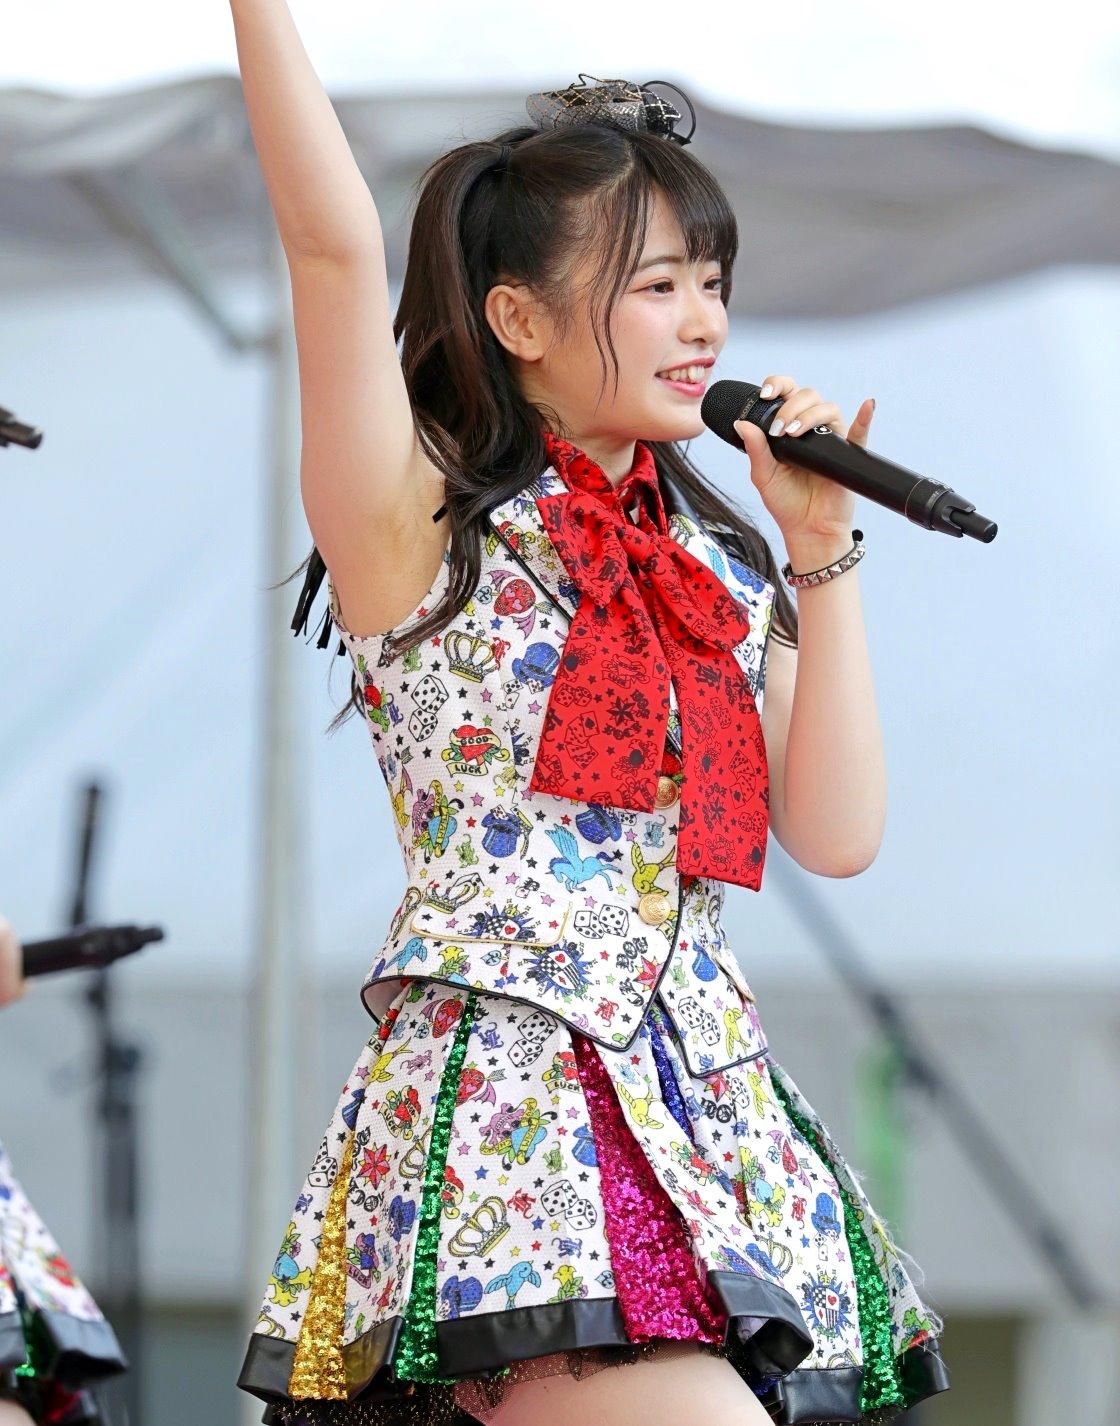 AKB48フレッシュ選抜メンバーの腋見せライブ (2)